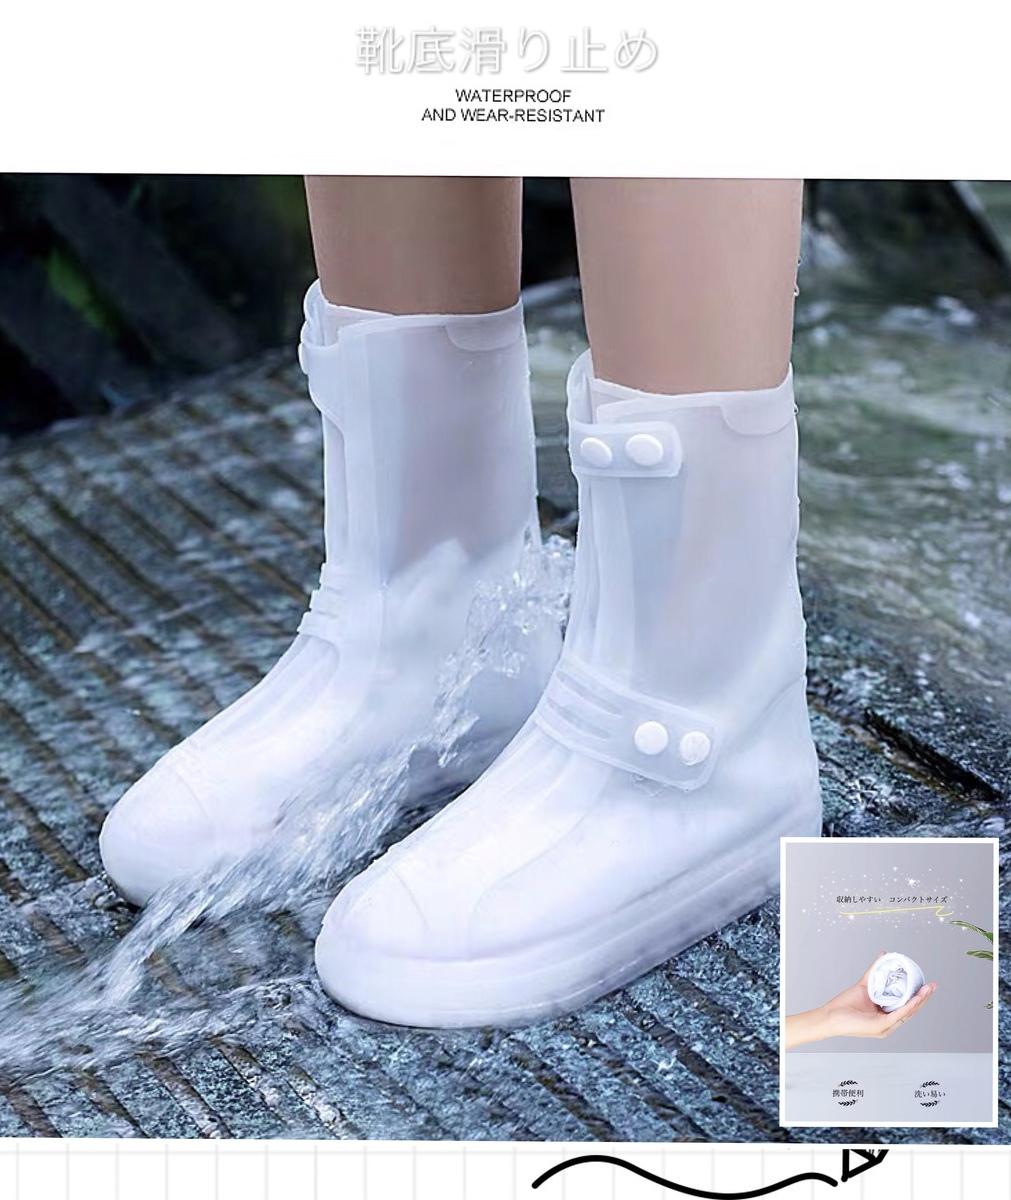 雨の多い梅雨の時期から年中に使えるアイデムです 送料無料 個別即納 シューズ カバー 未使用品 防水 靴 ストアー 濡れない シリコン 携帯 レインシューズ 雪 泥よけ 男女兼用 雨